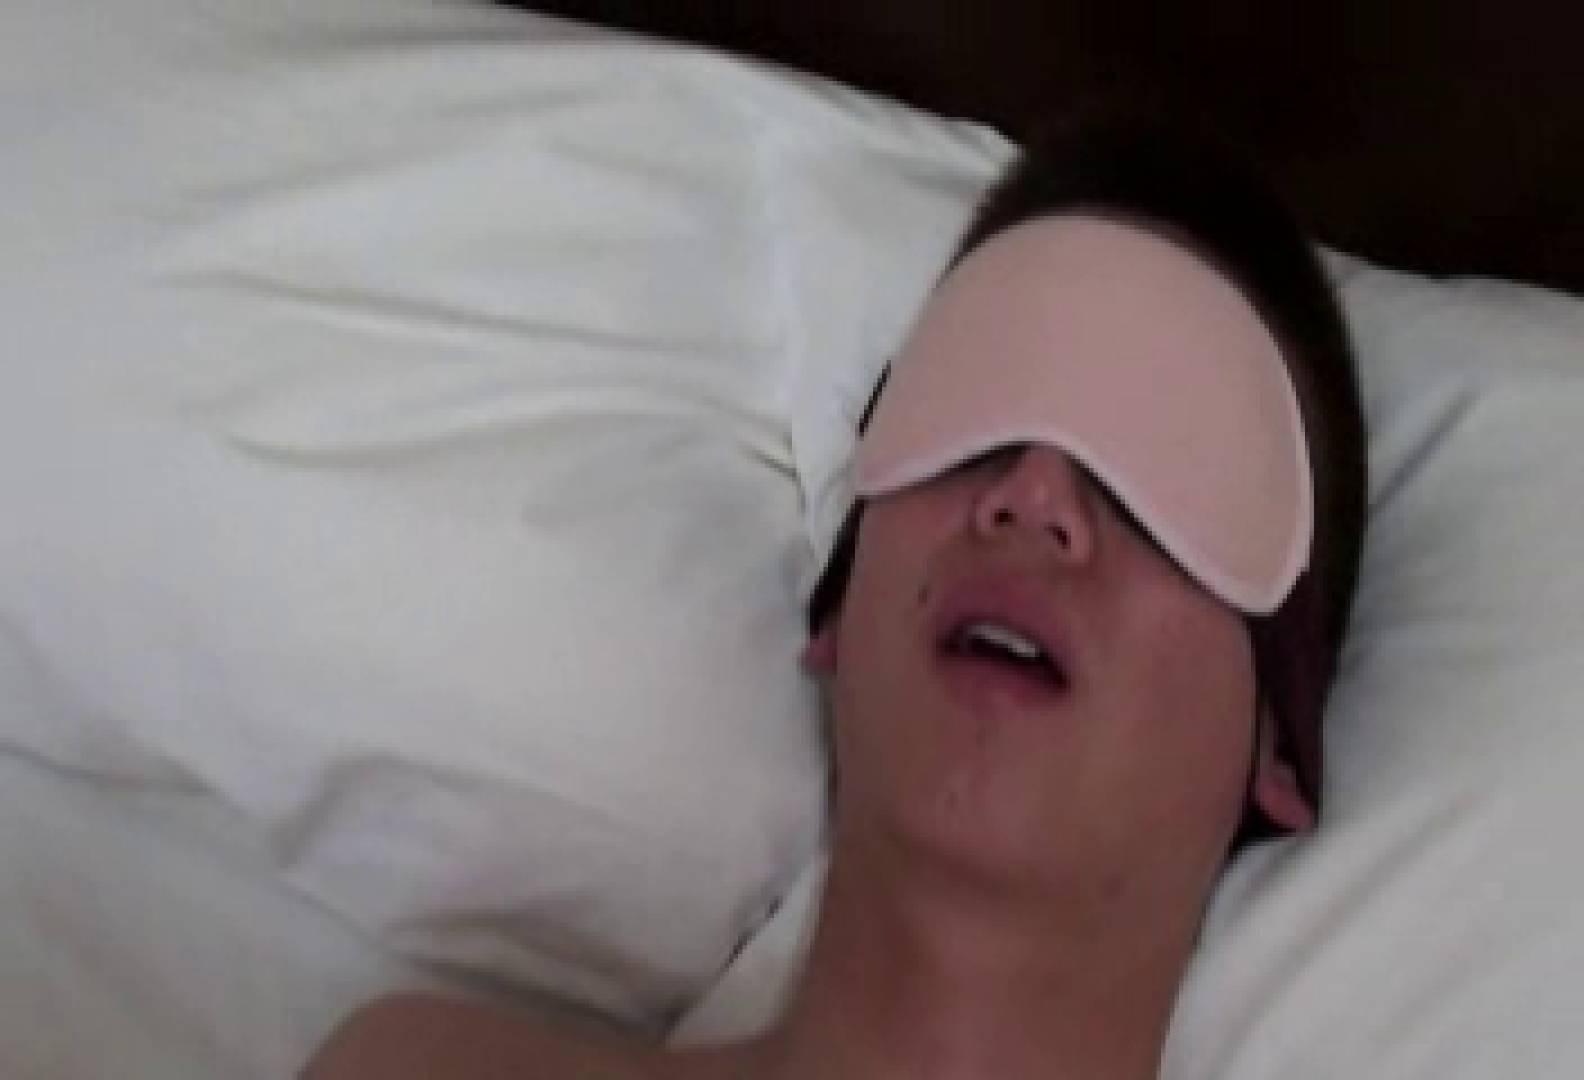 アイマスクでおもいっきり性感帯!!vol.04 お尻の穴 ゲイエロ動画 104pic 41